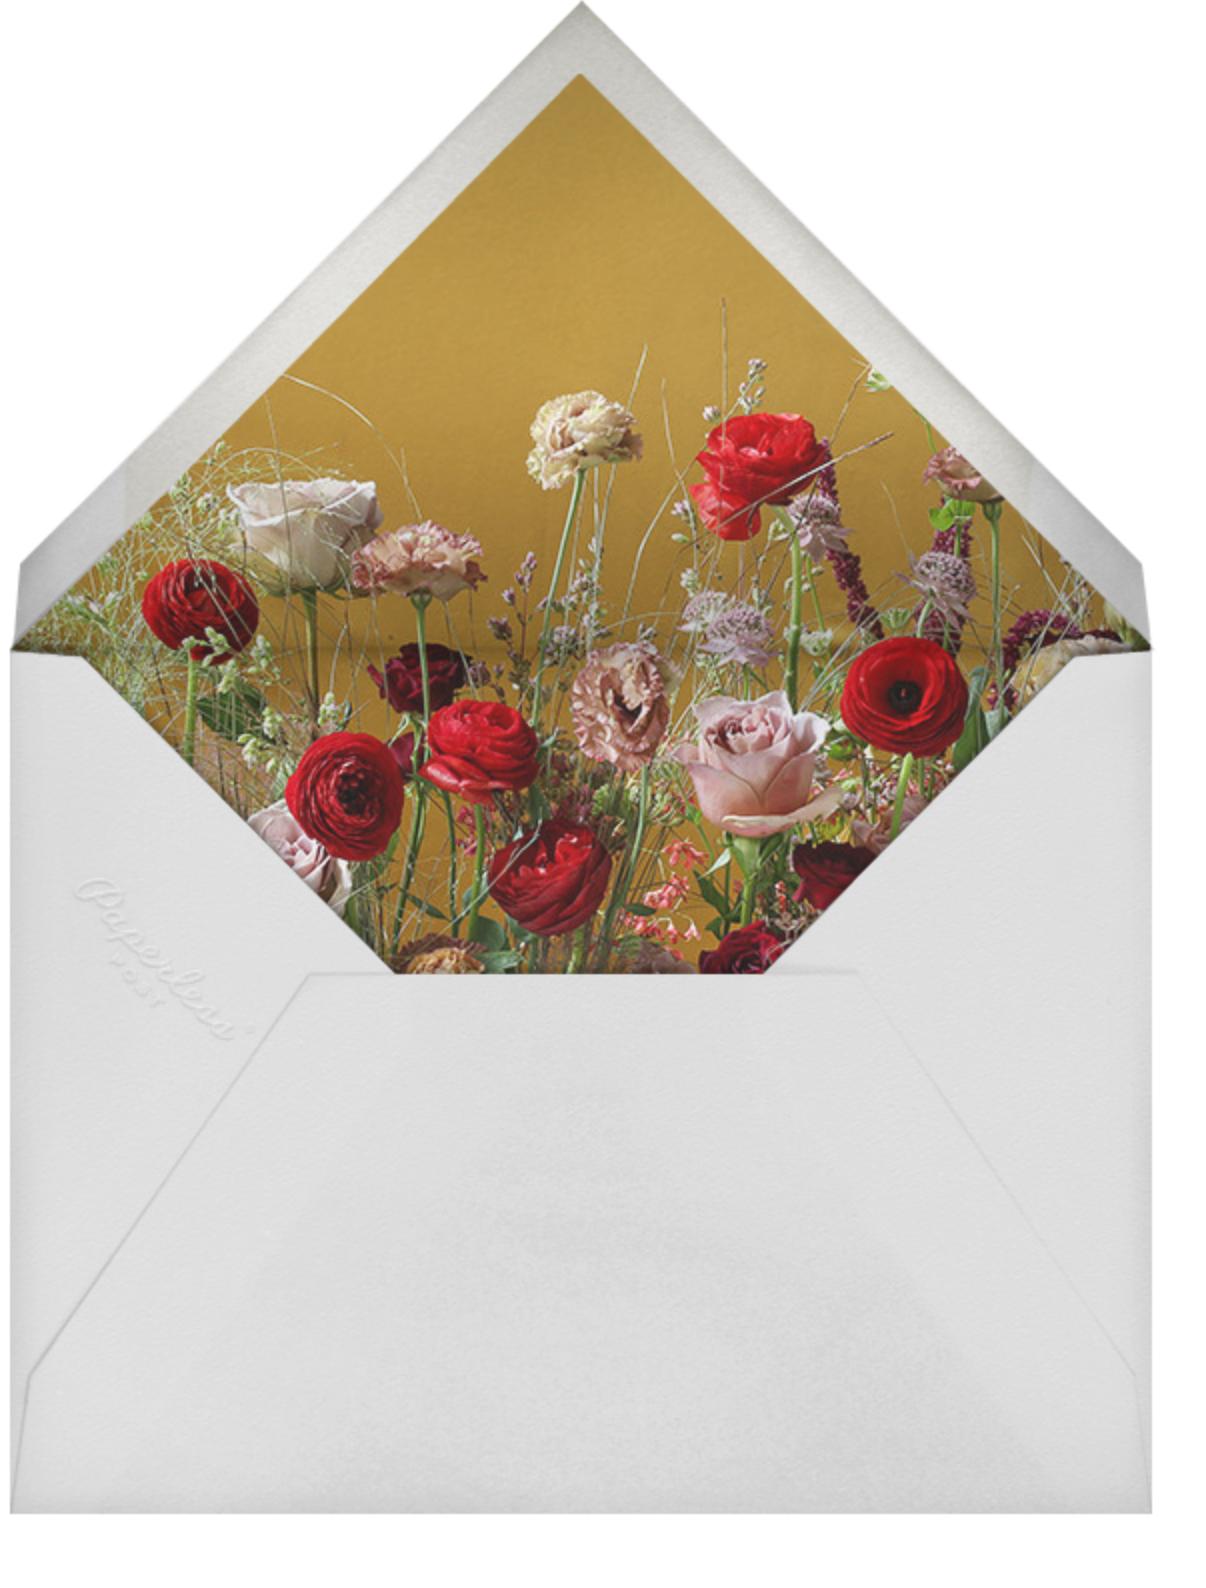 Germinal (Tall) - Putnam & Putnam - Dinner party - envelope back